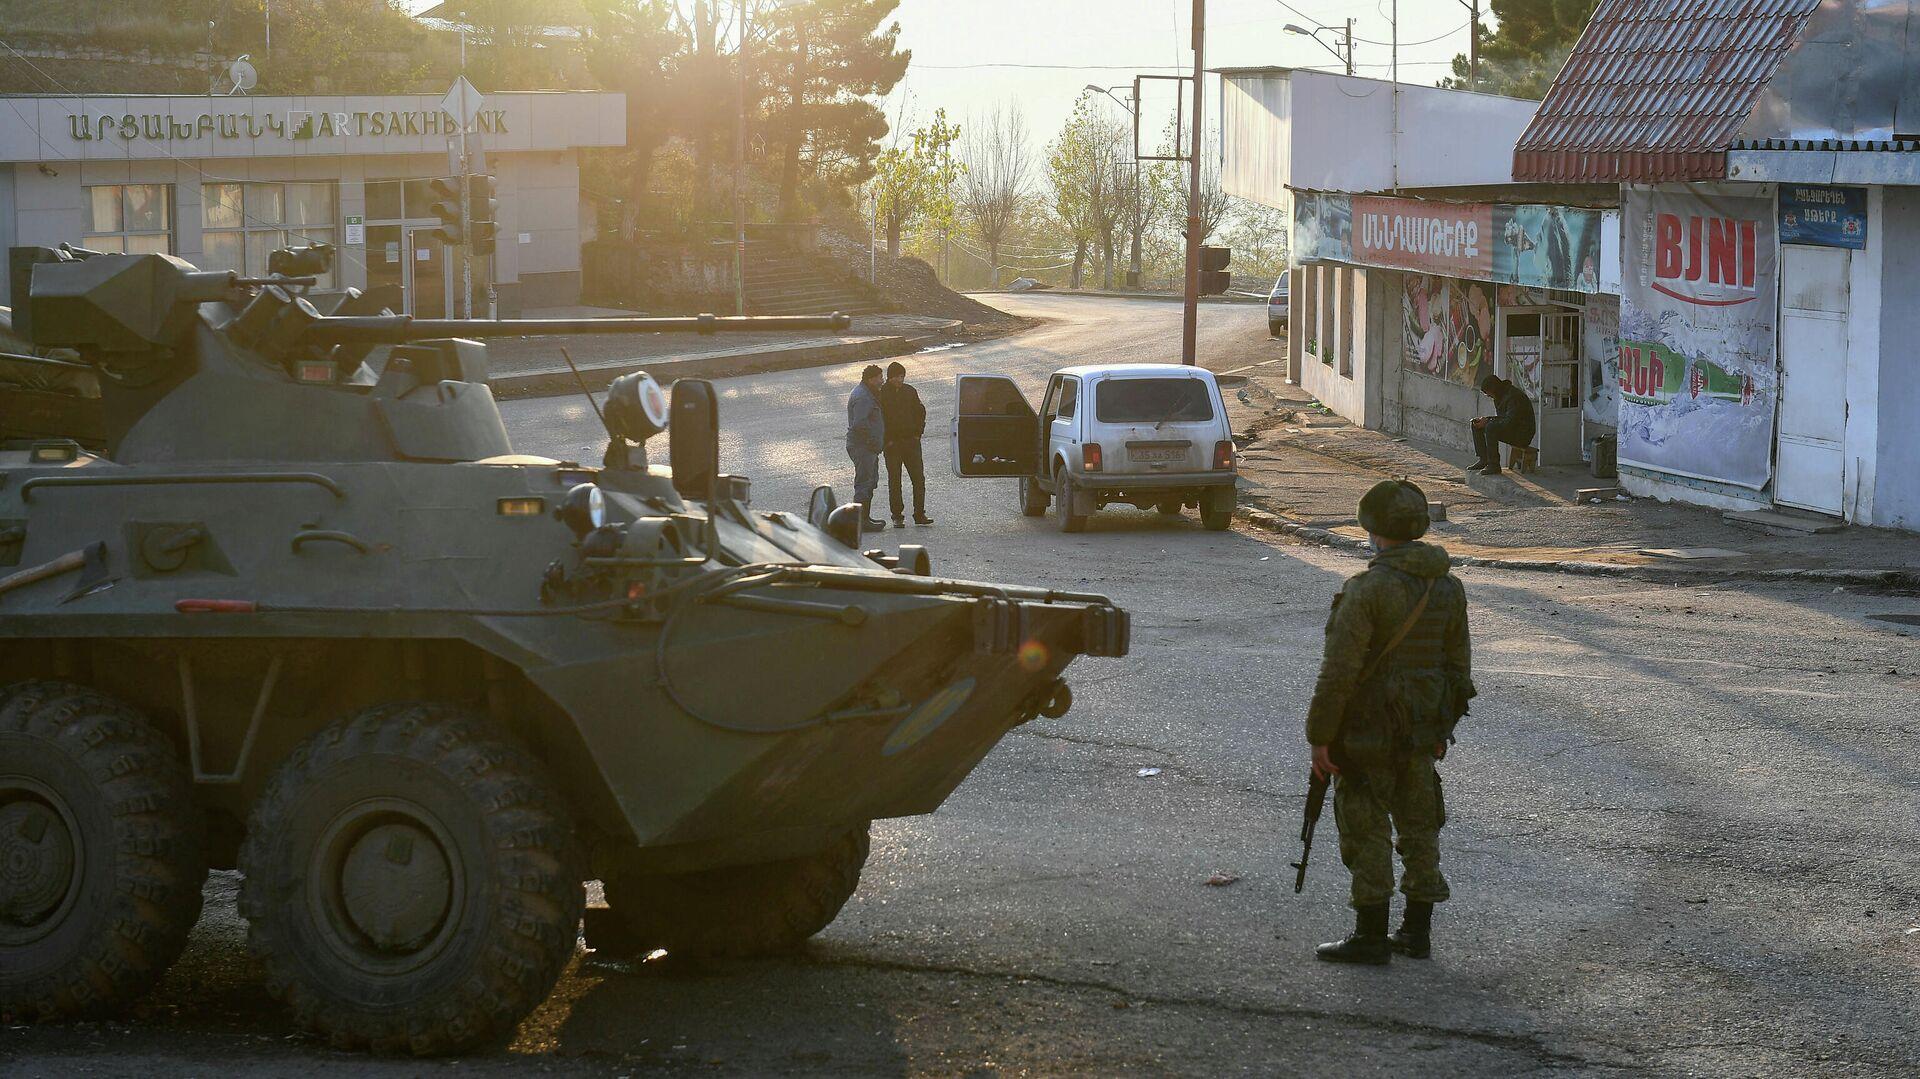 Российские миротворцы на одной из улиц в городе Лачин (Бердзор)  - РИА Новости, 1920, 02.12.2020